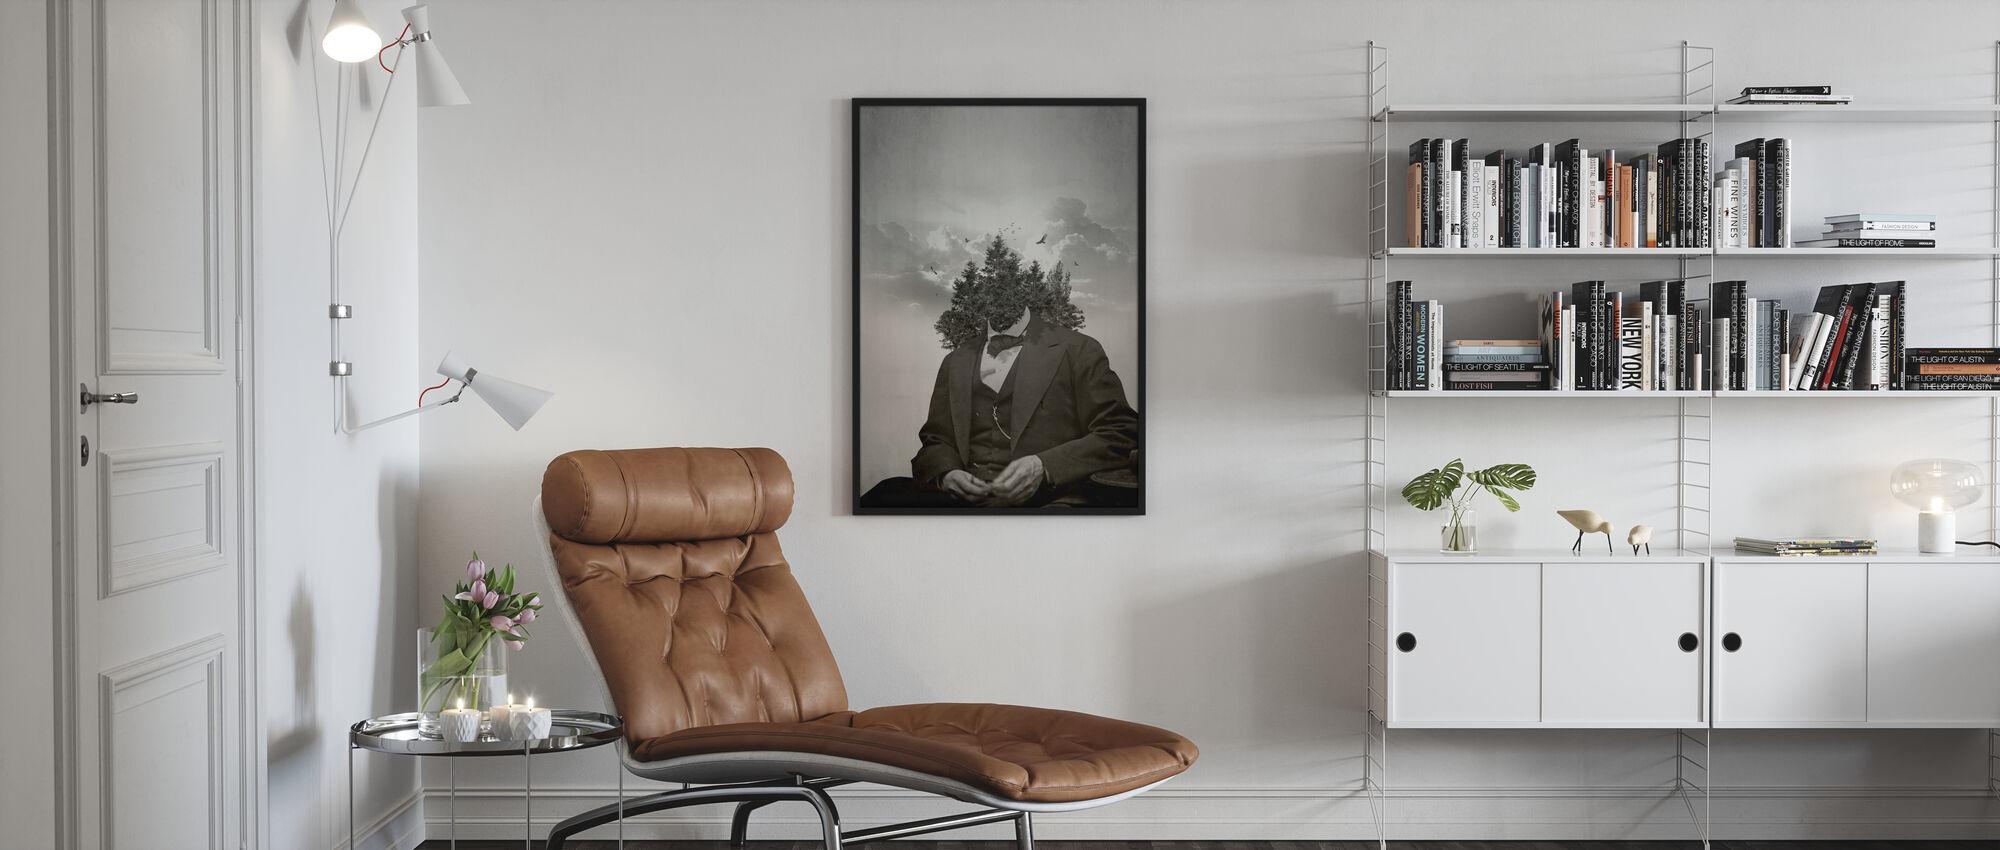 Wald - Poster - Wohnzimmer